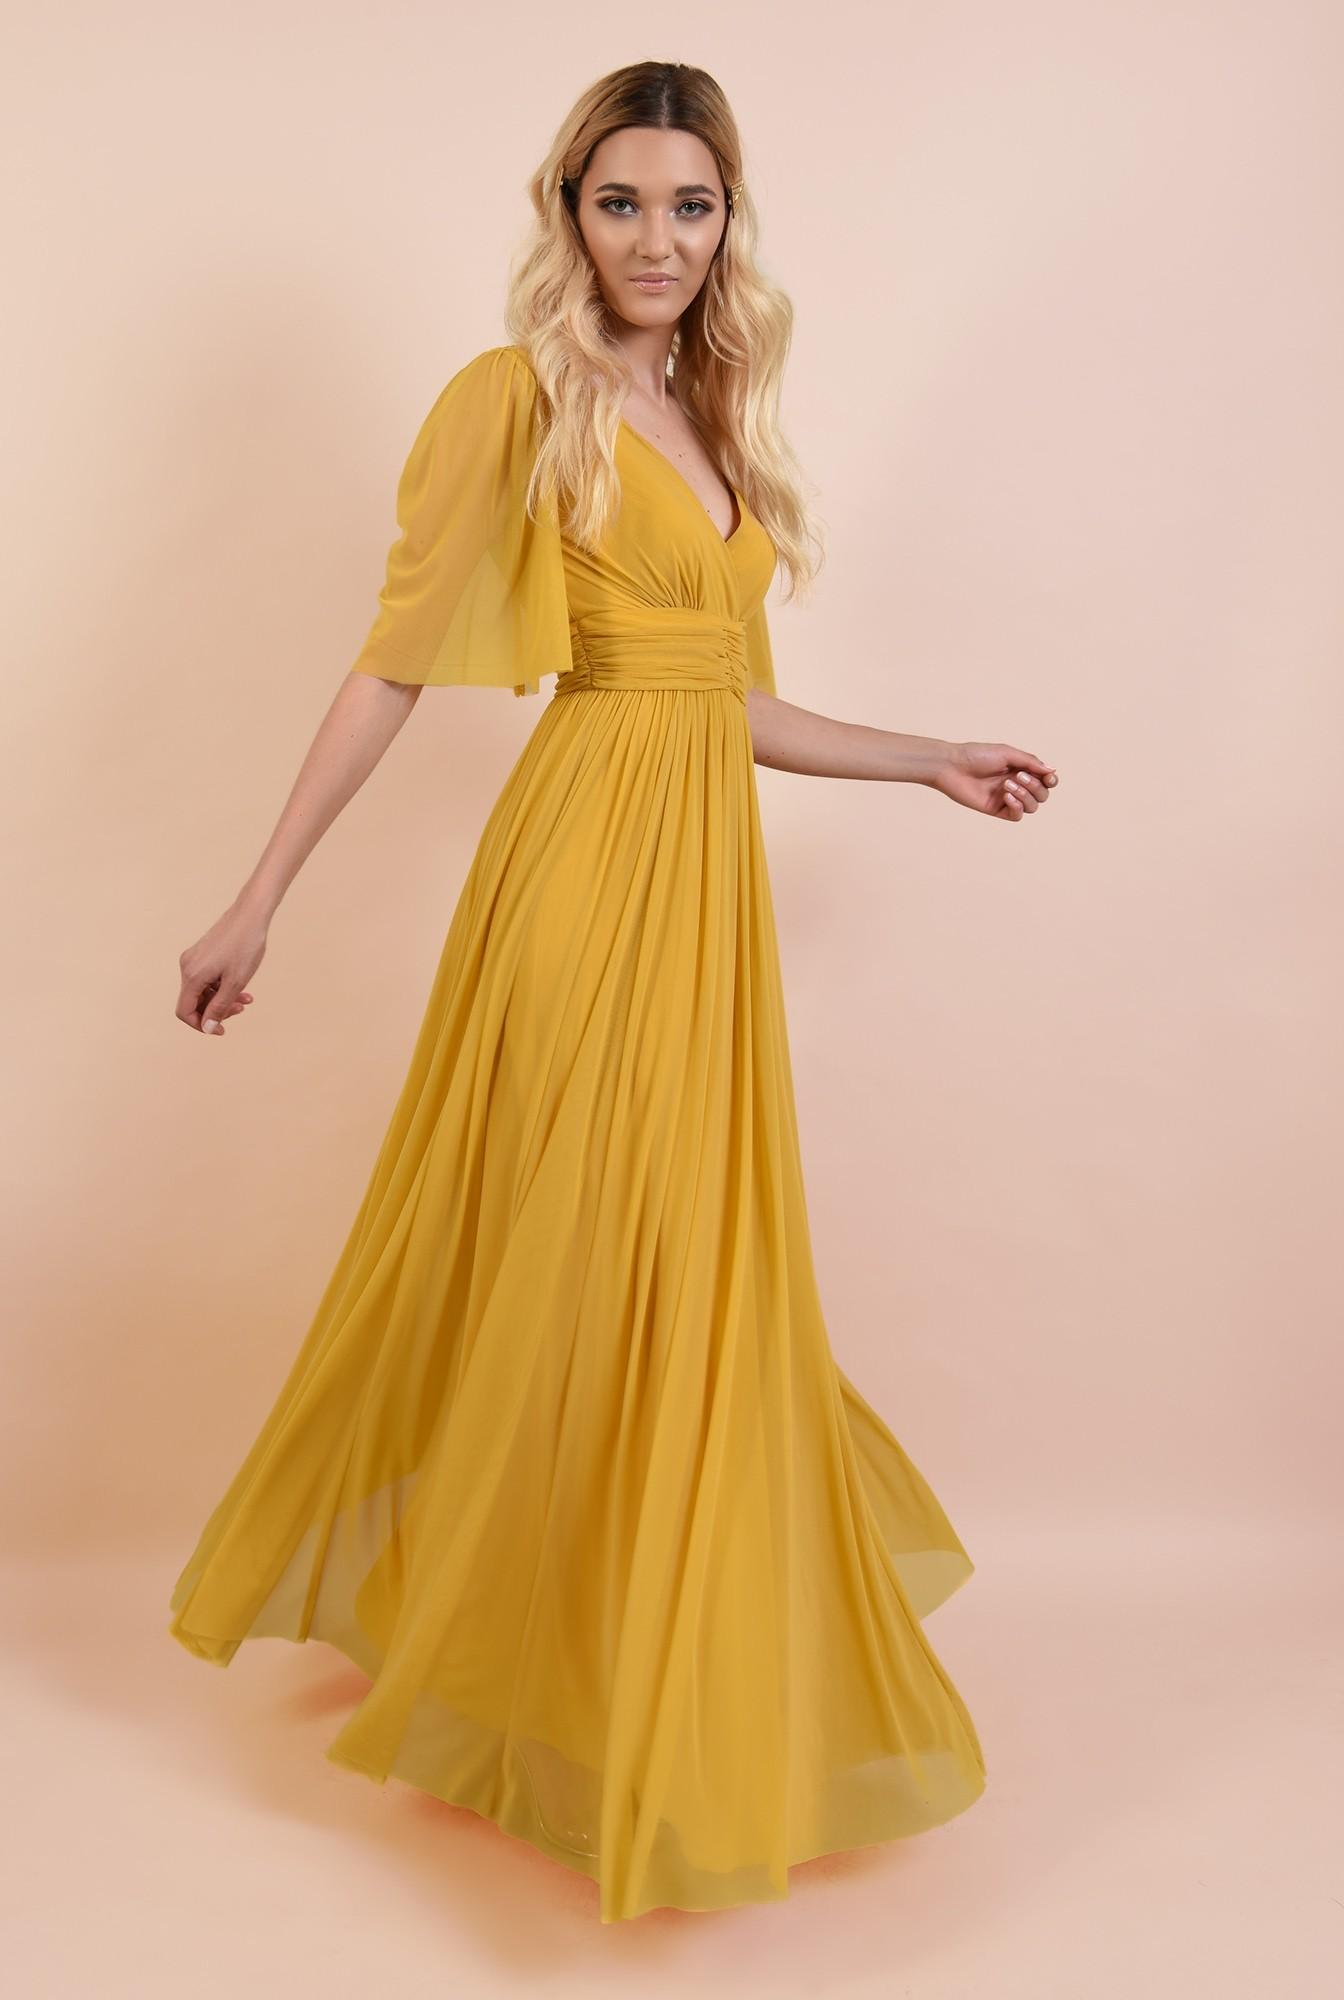 3 - 360 - rochie de seara, lunga, din tul, betelie cu pliuri, maneci 3/4 fluture